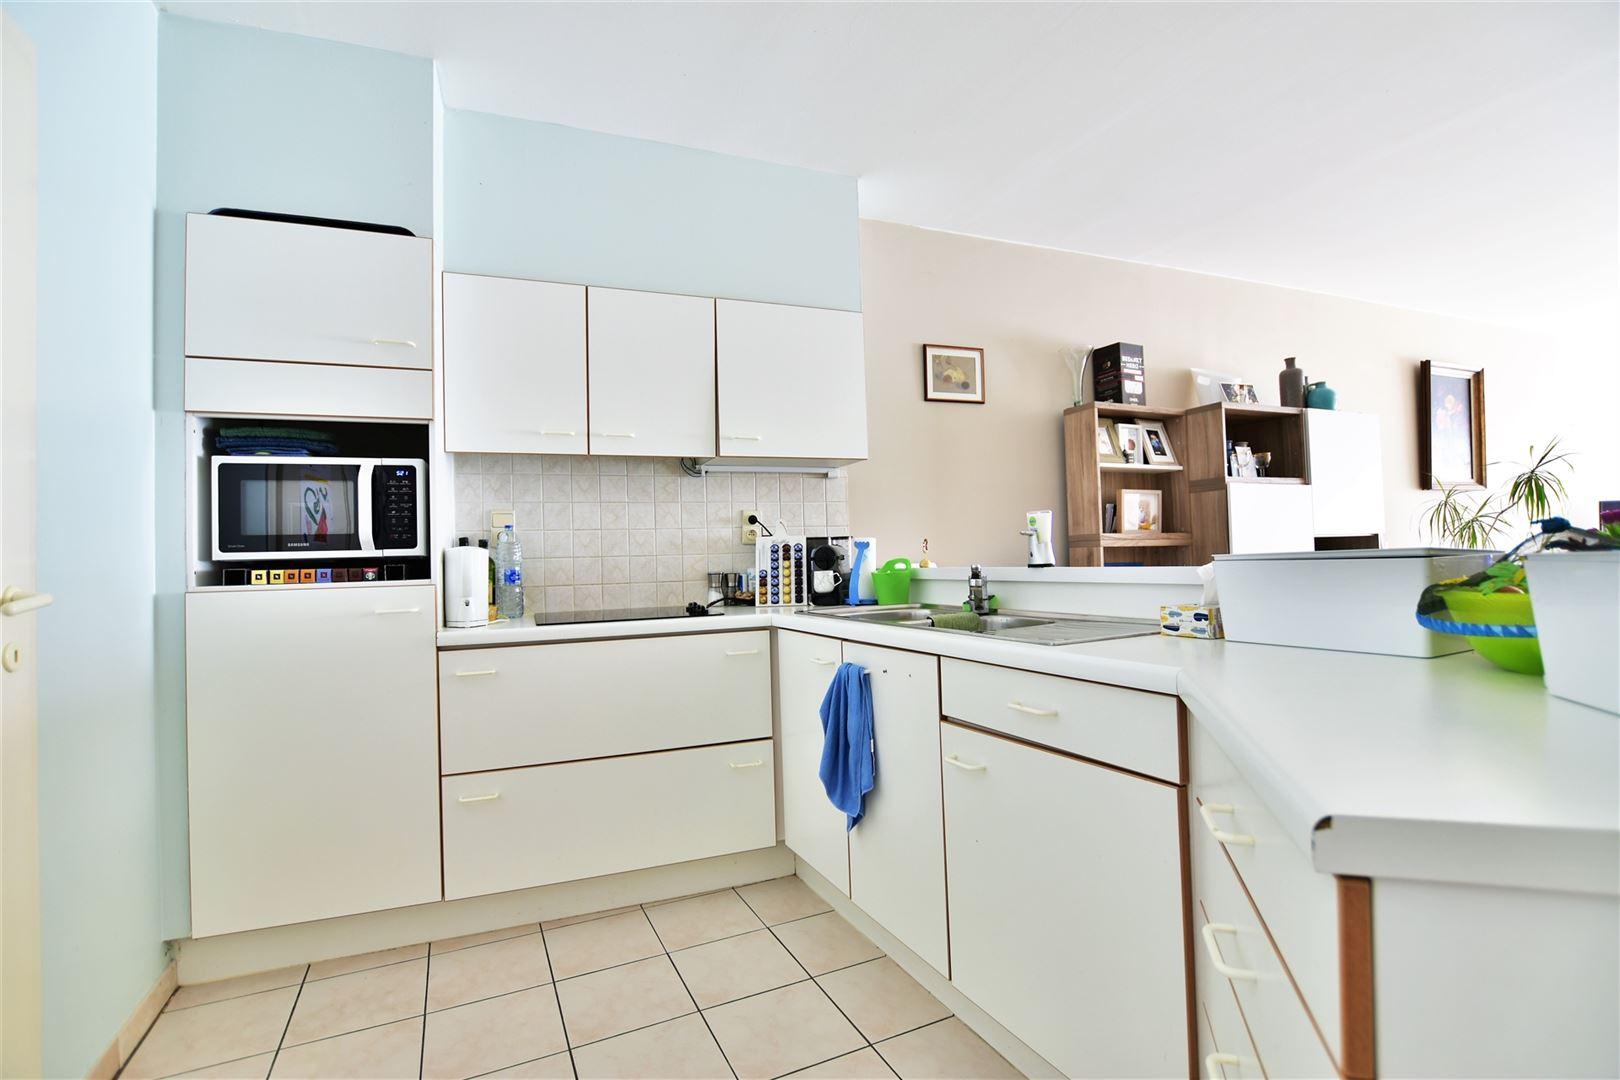 Foto 5 : Appartement te 9200 APPELS (België) - Prijs € 190.000